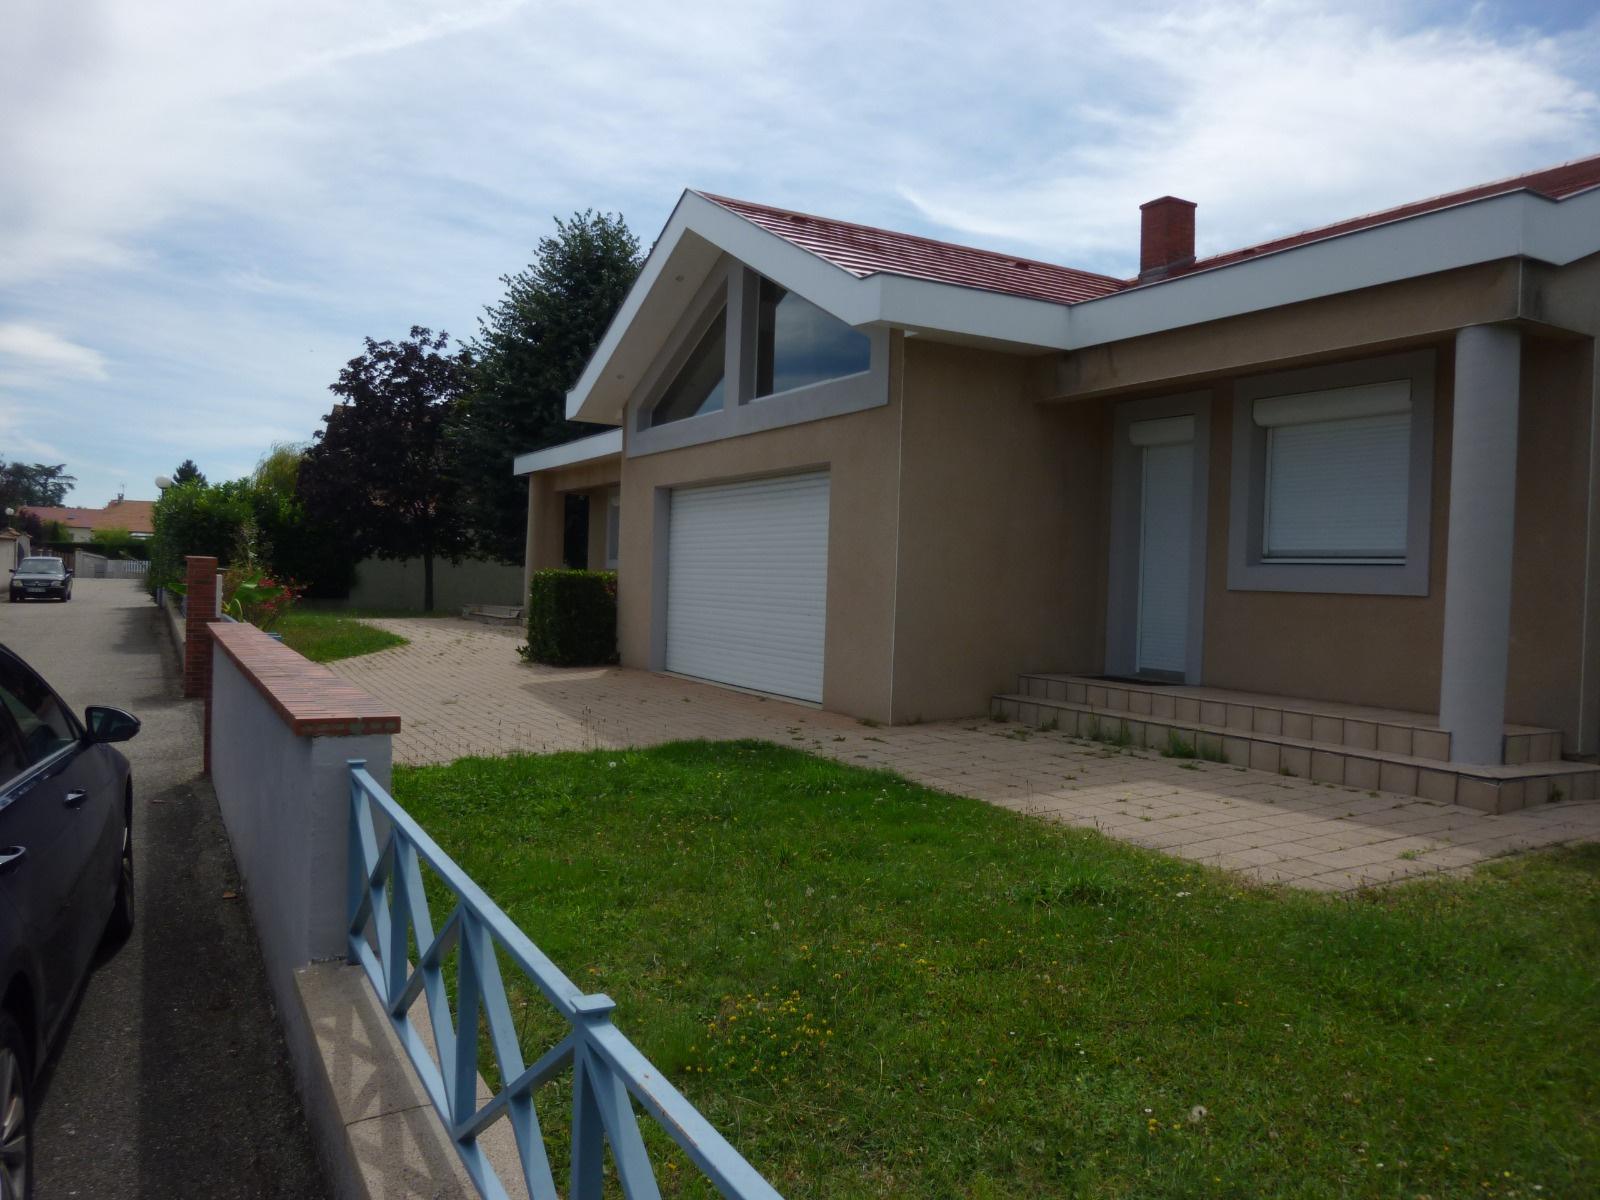 Location appartements et maisons saint etienne andr zieux bouth on et plus - Location garage saint etienne ...